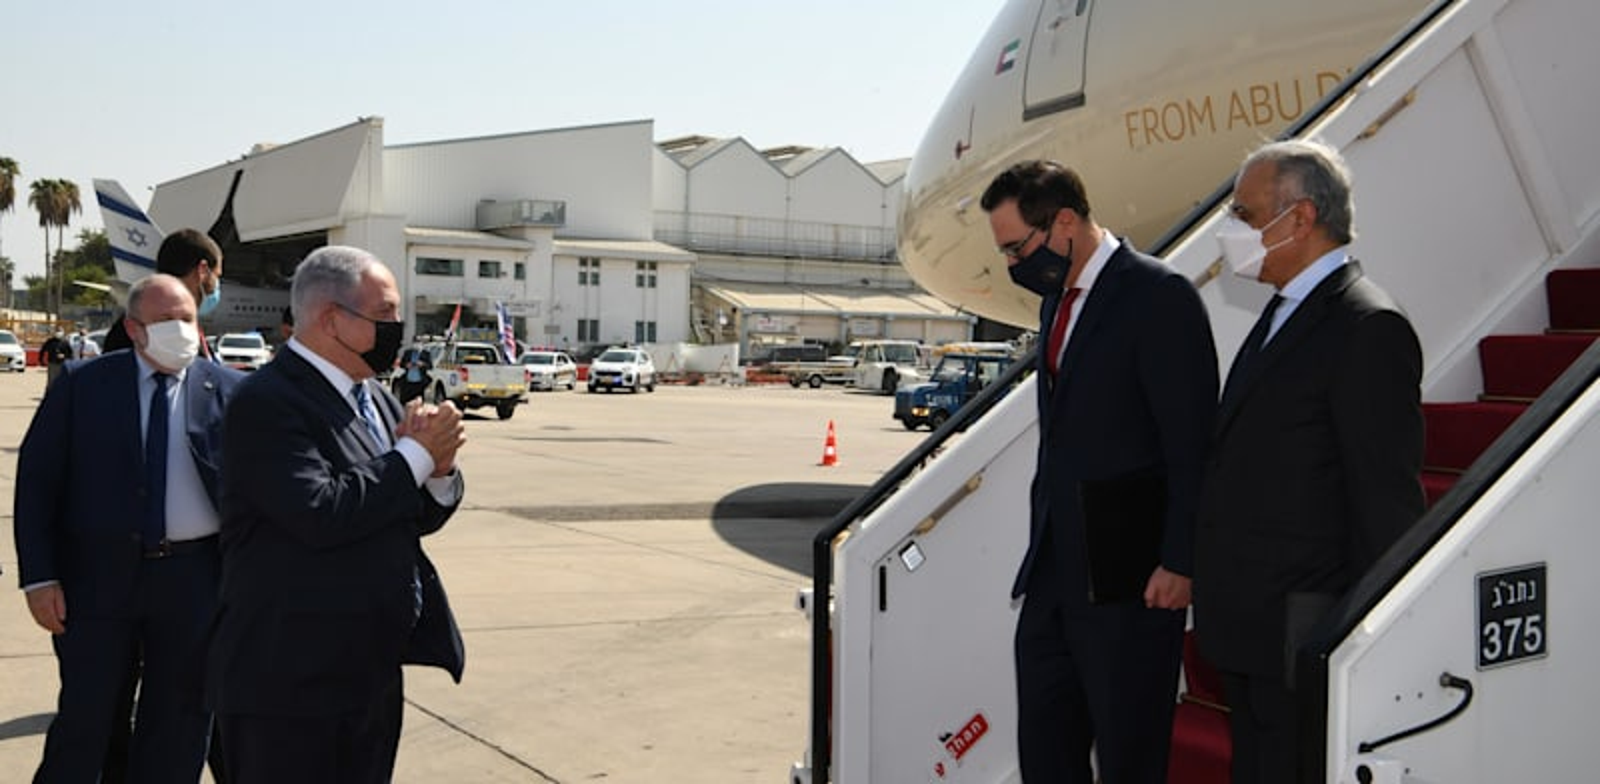 """קבלת פנים בשדה התעופה למשלחת איחוד האמירויות, במעמד ראש הממשלה בנימין נתניהו. מבצע צבאי ראשון על רקע הסכמי השלום / צילום: עמוס בן גרשום - לע""""מ"""